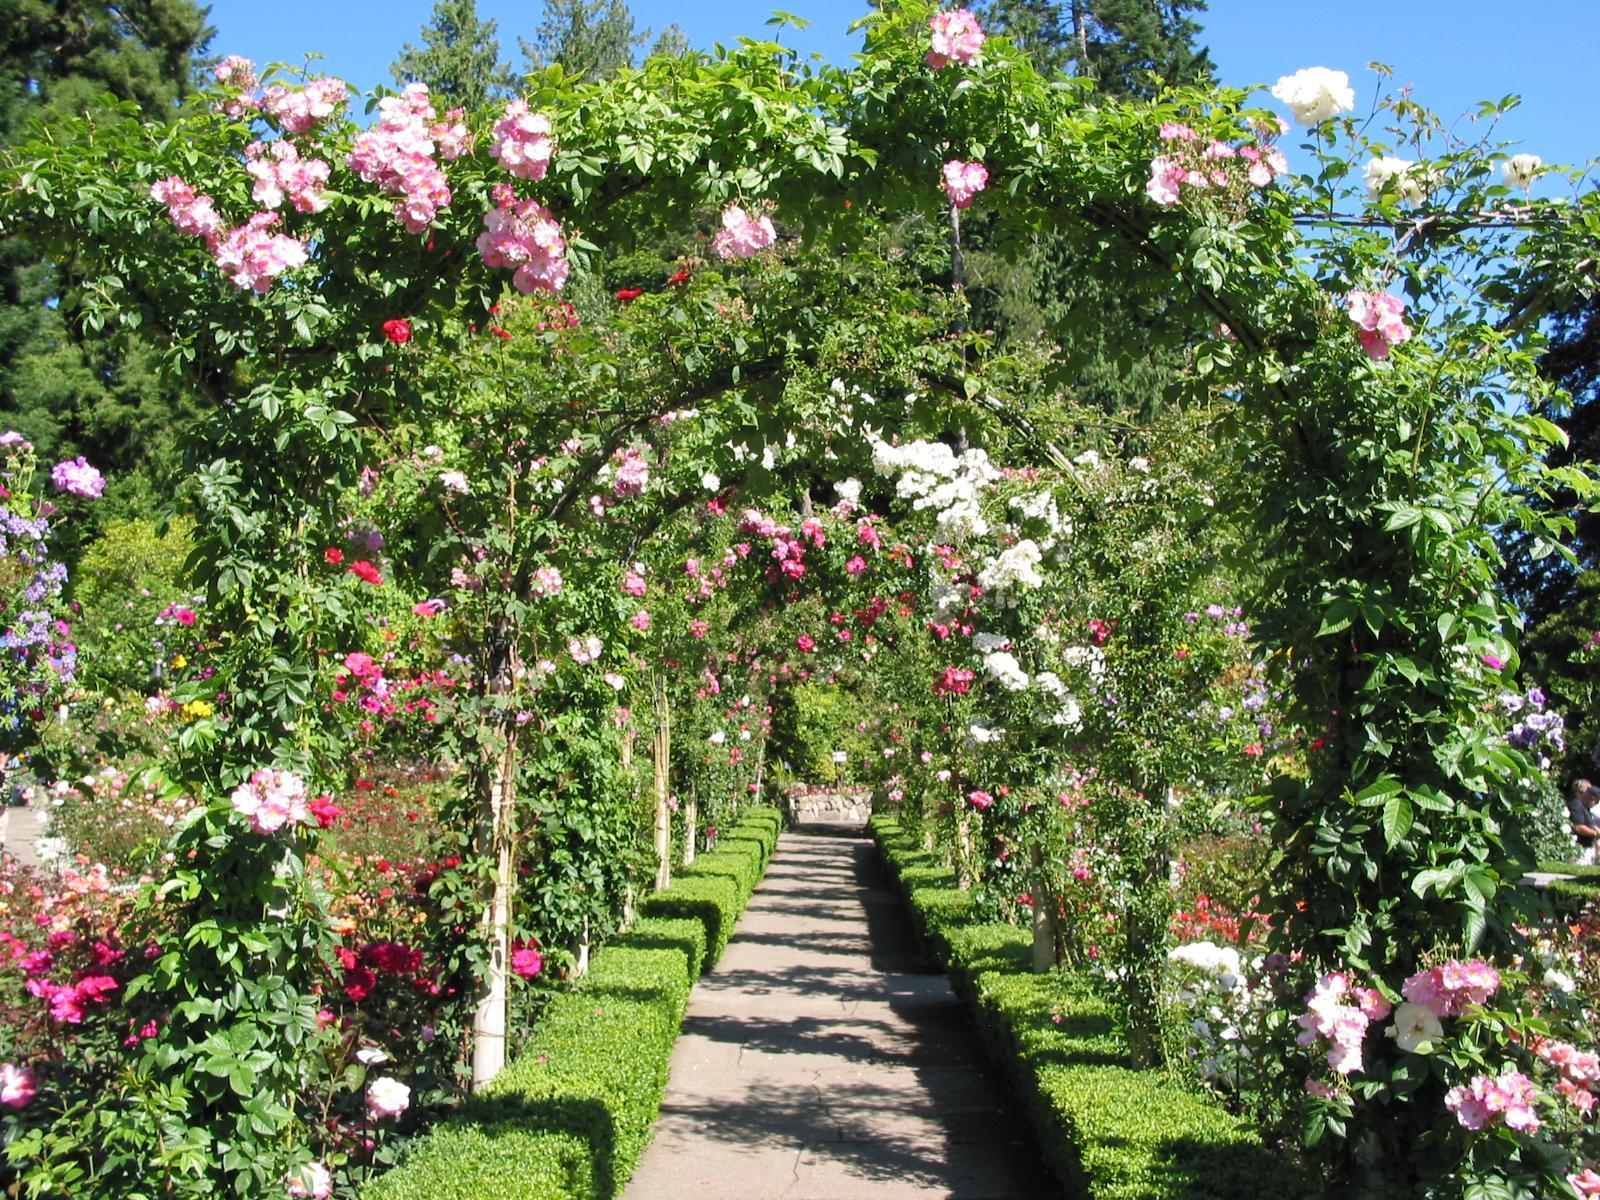 Photoshop Y Algo Mas Fondos Rosas: Jardin Rosas